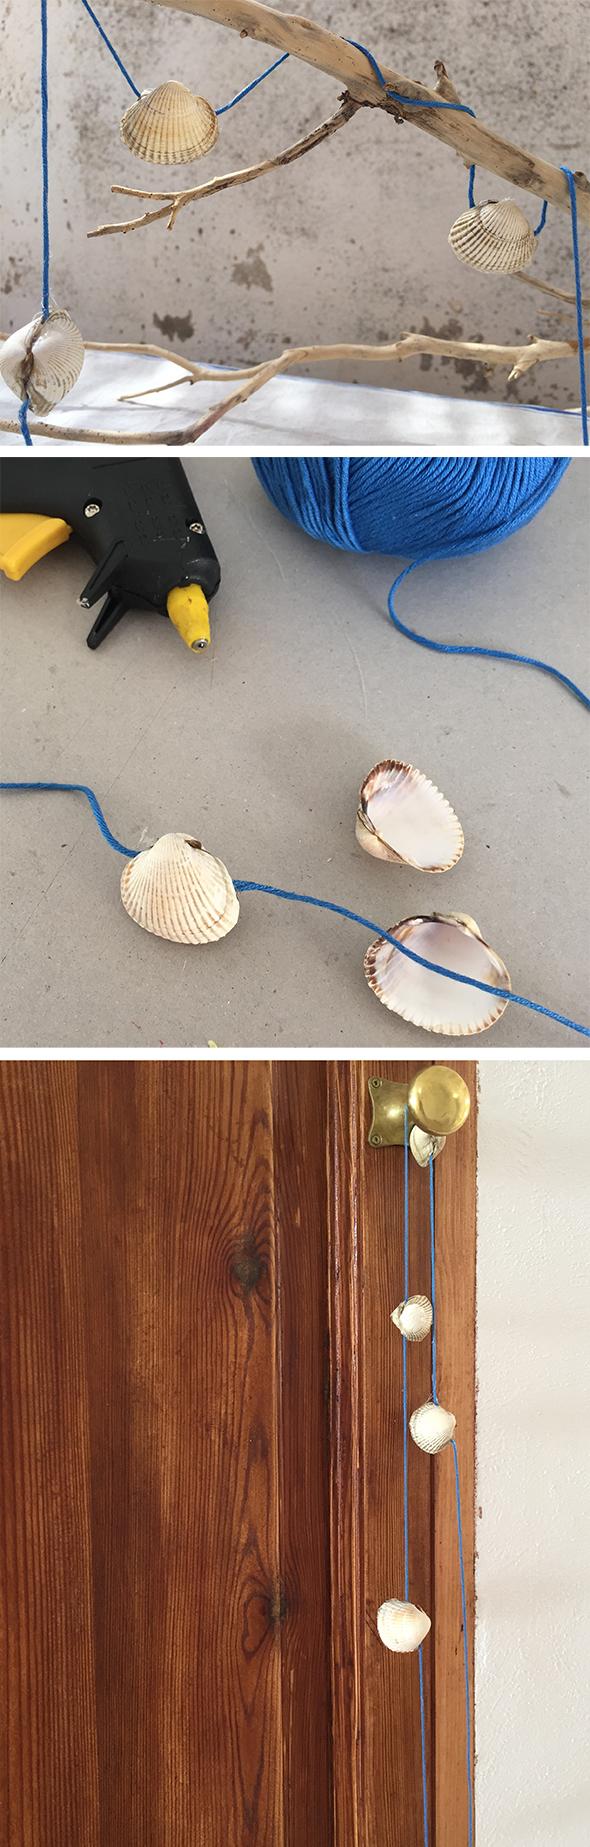 muscheln girlande sommer conchas verano guirnalda shells garland summer basteln manualidad craft